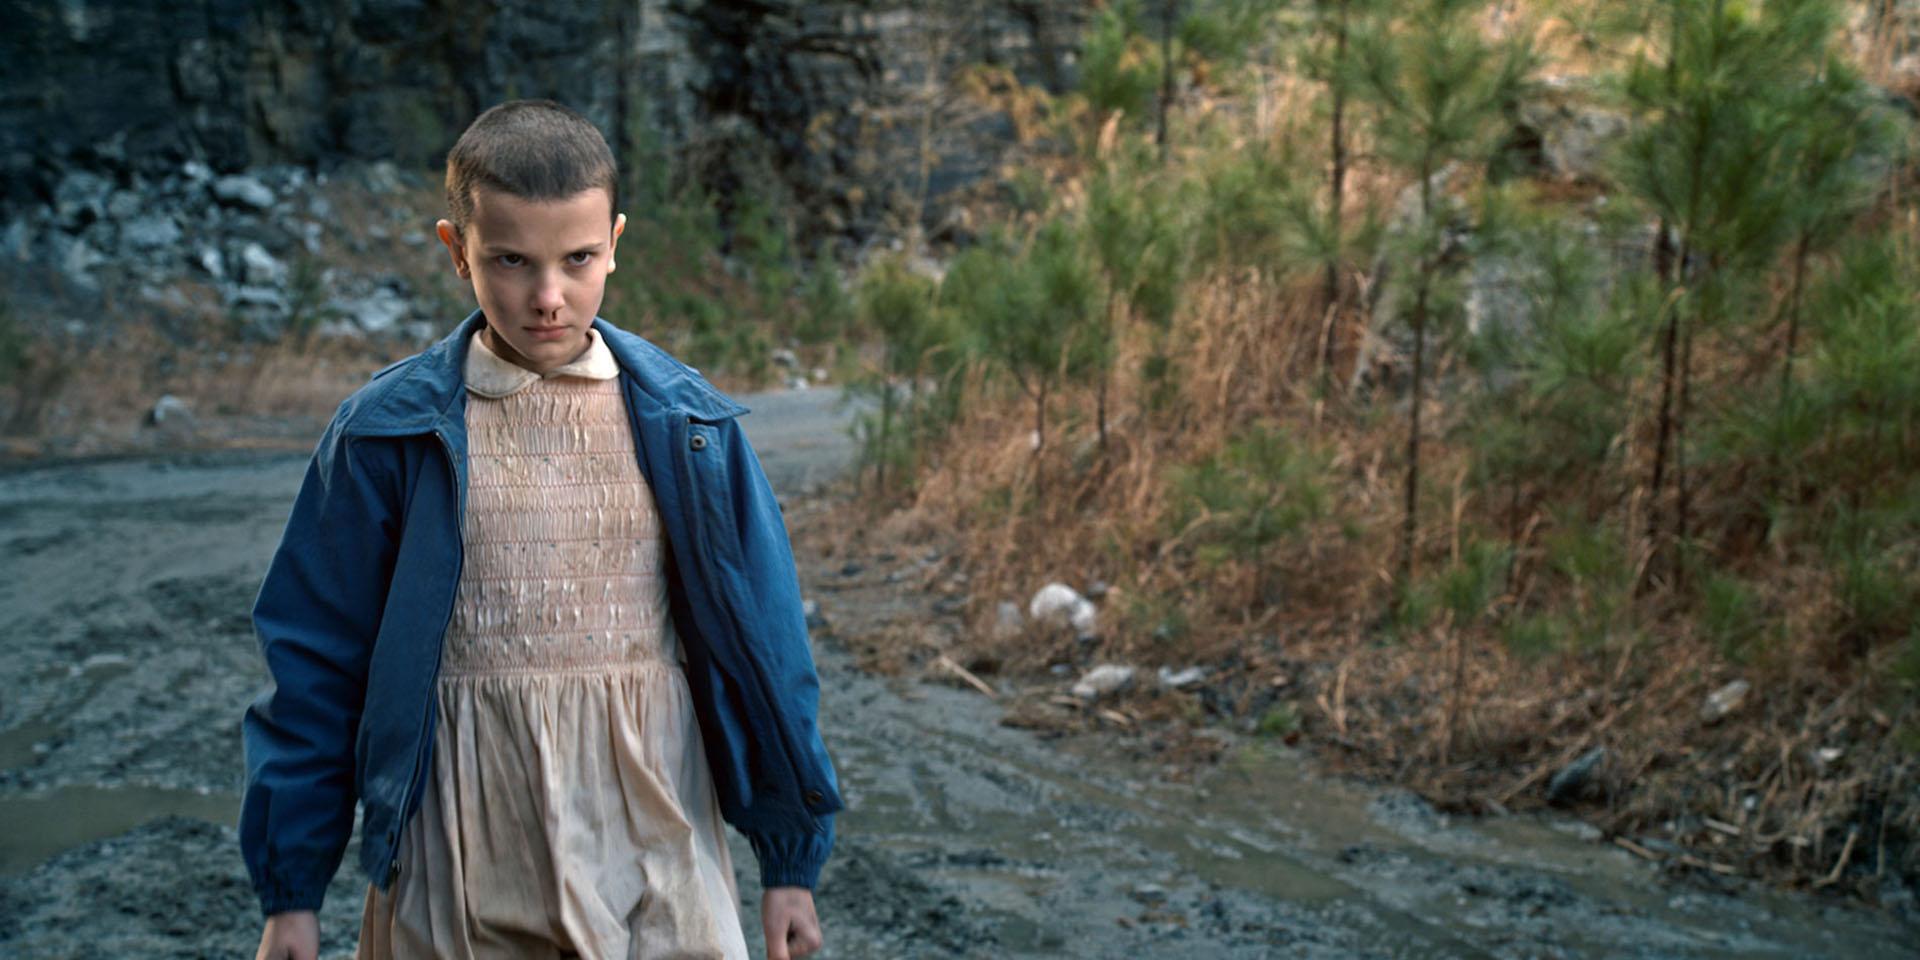 La adolescente en la piel de Eleven, una nena rapada con poderes psicoquinéticos.